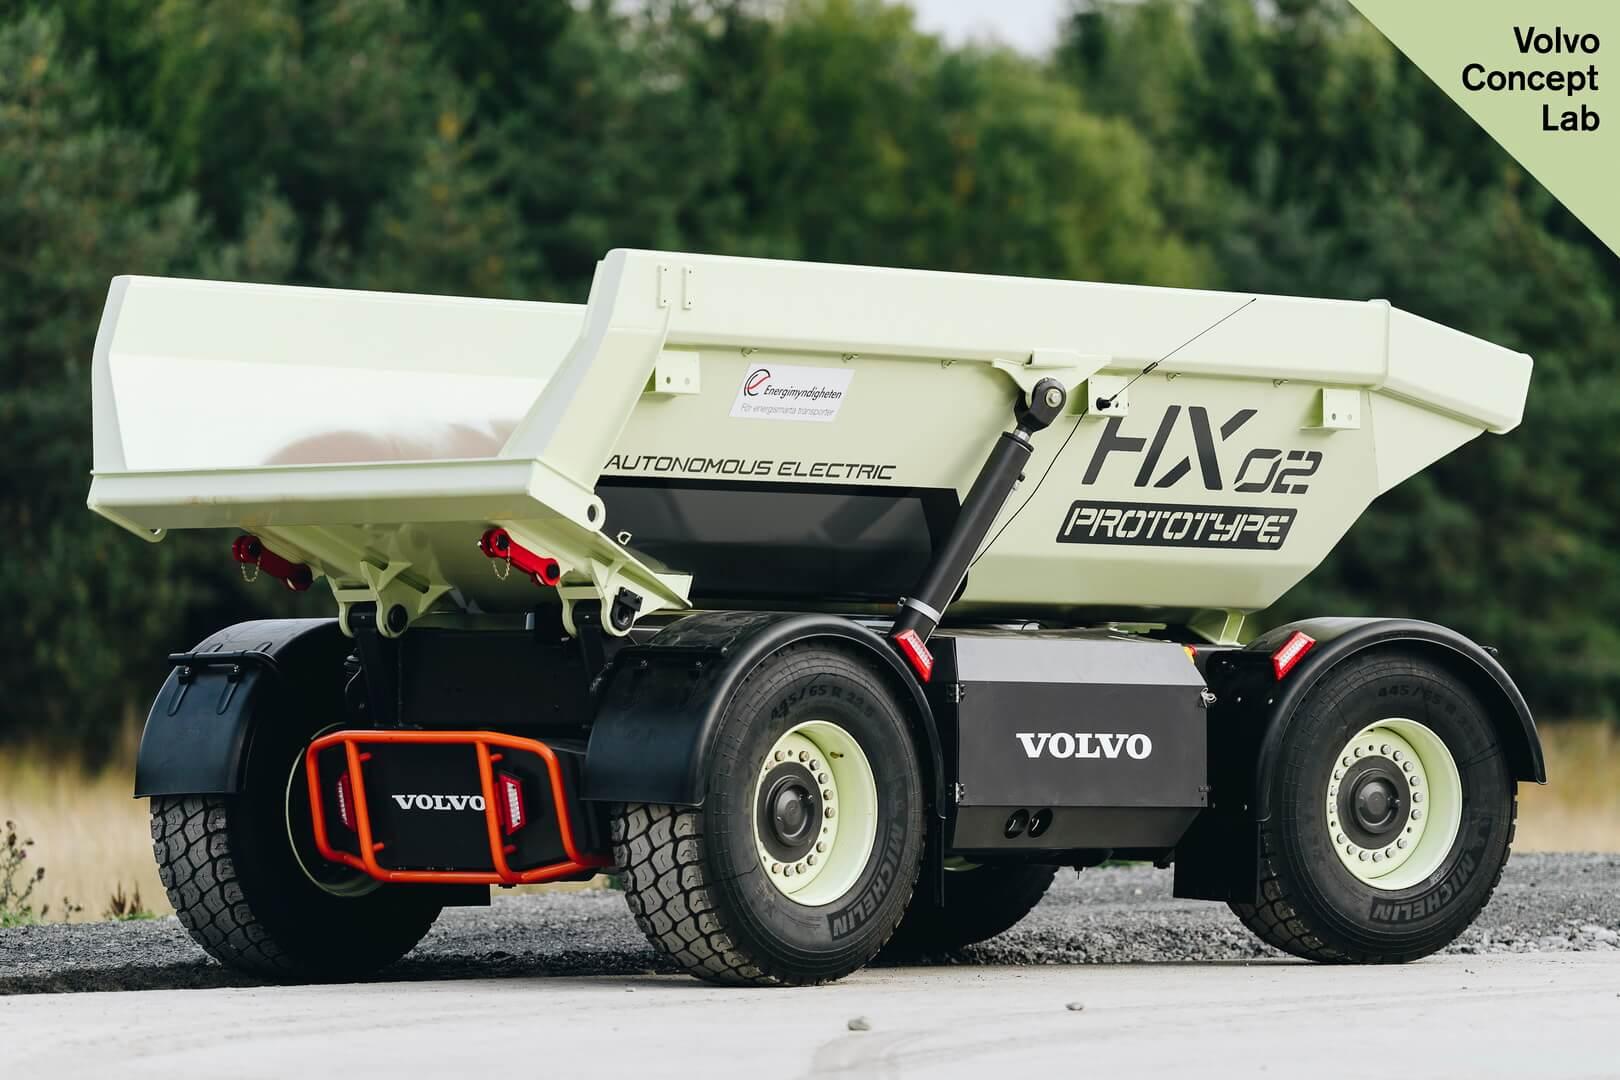 Прототип электрического погрузчика Volvo HX2